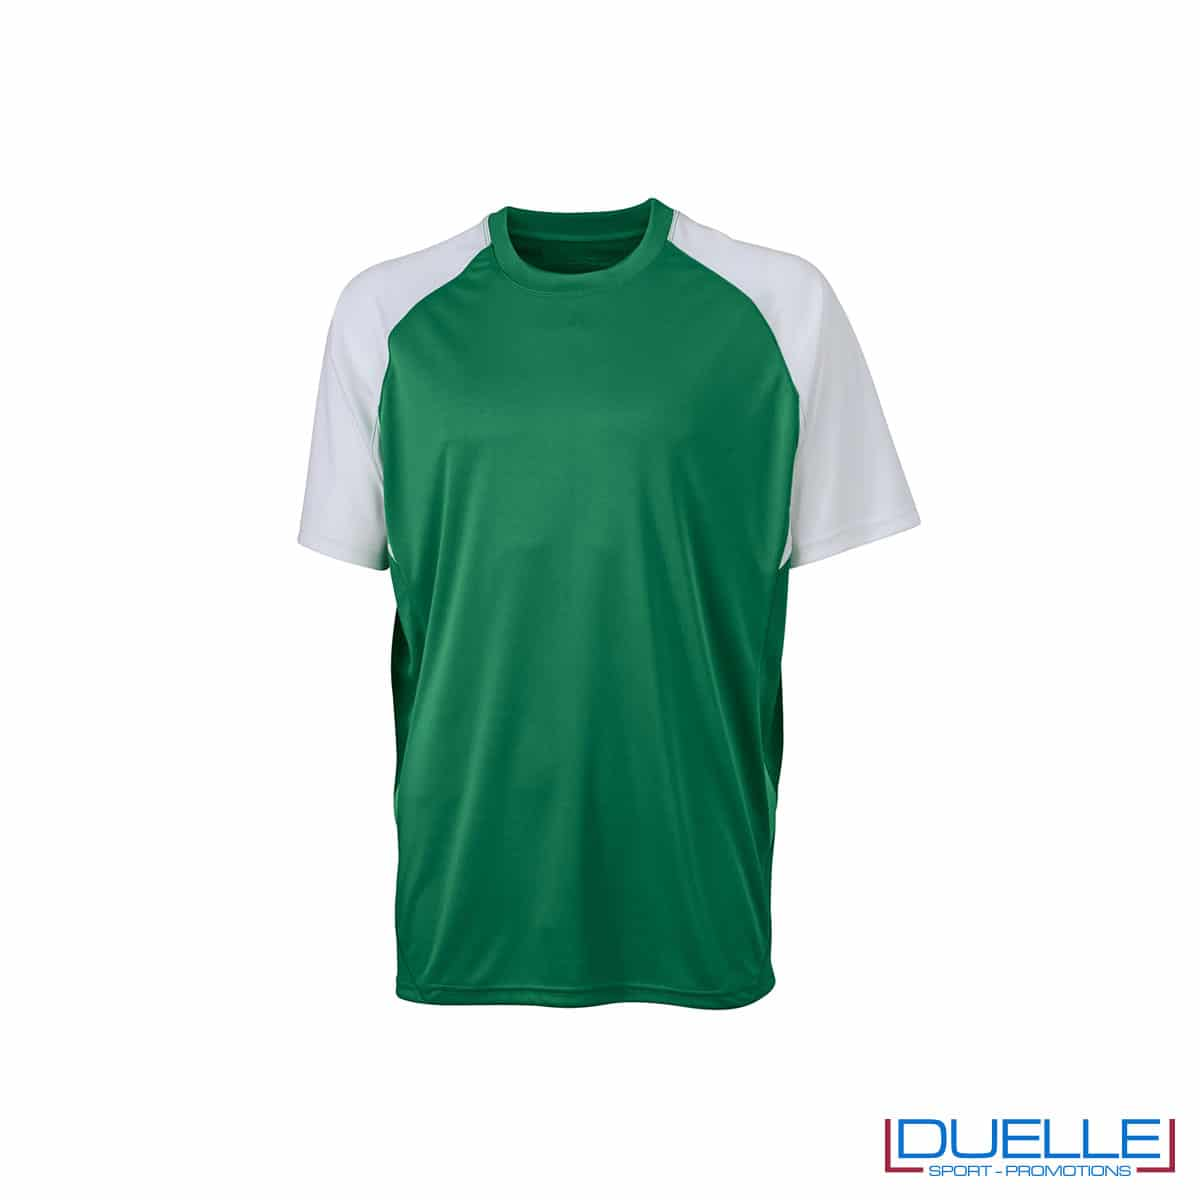 Maglietta calcio personalizzabile colore verde-bianco